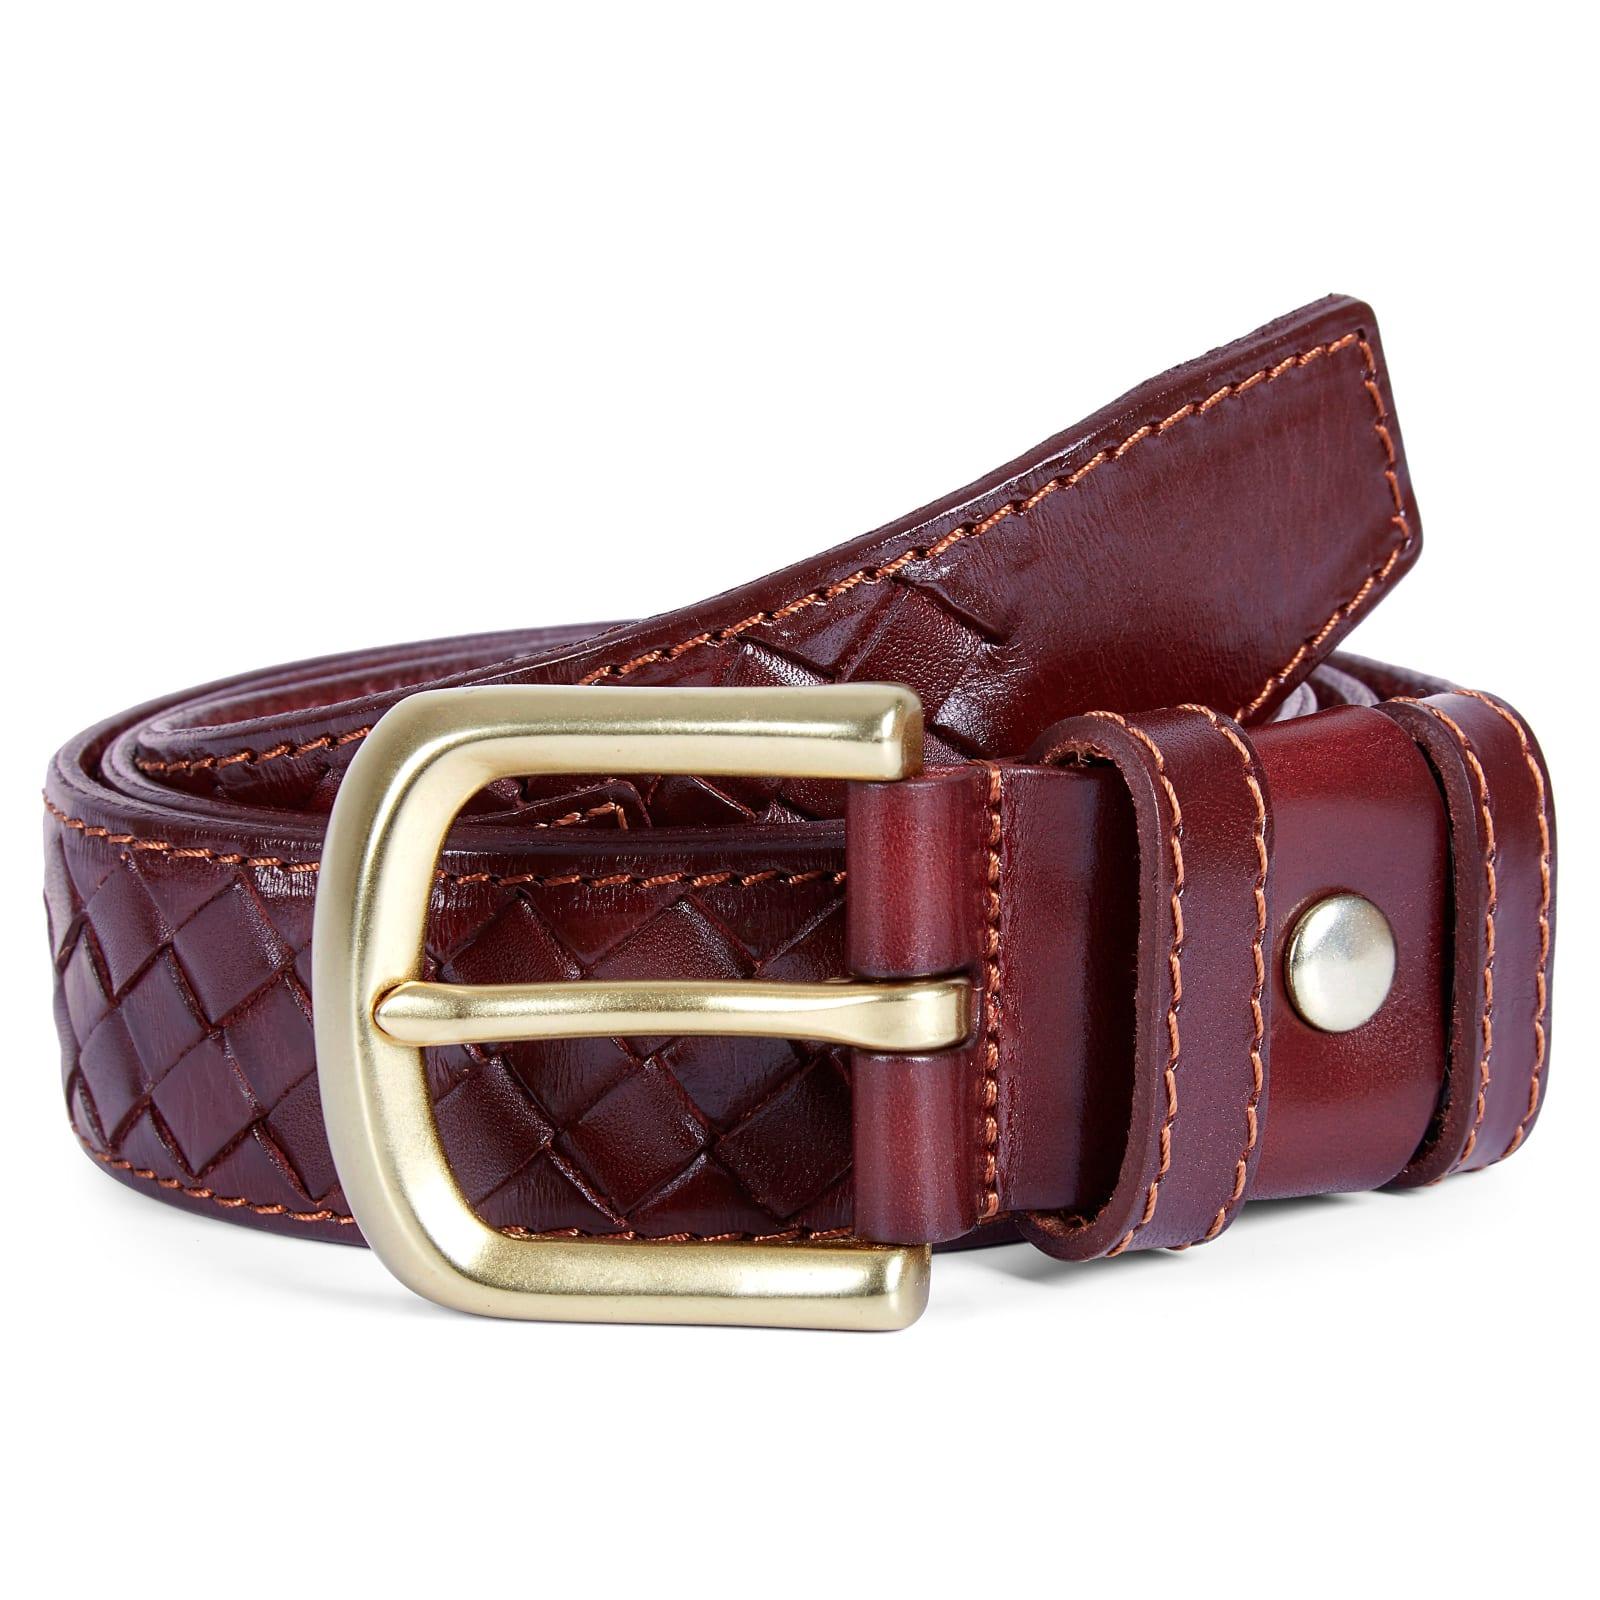 12cc26908b Cinturón de cuero trenzado burdeos | ¡En stock! | Collin Rowe